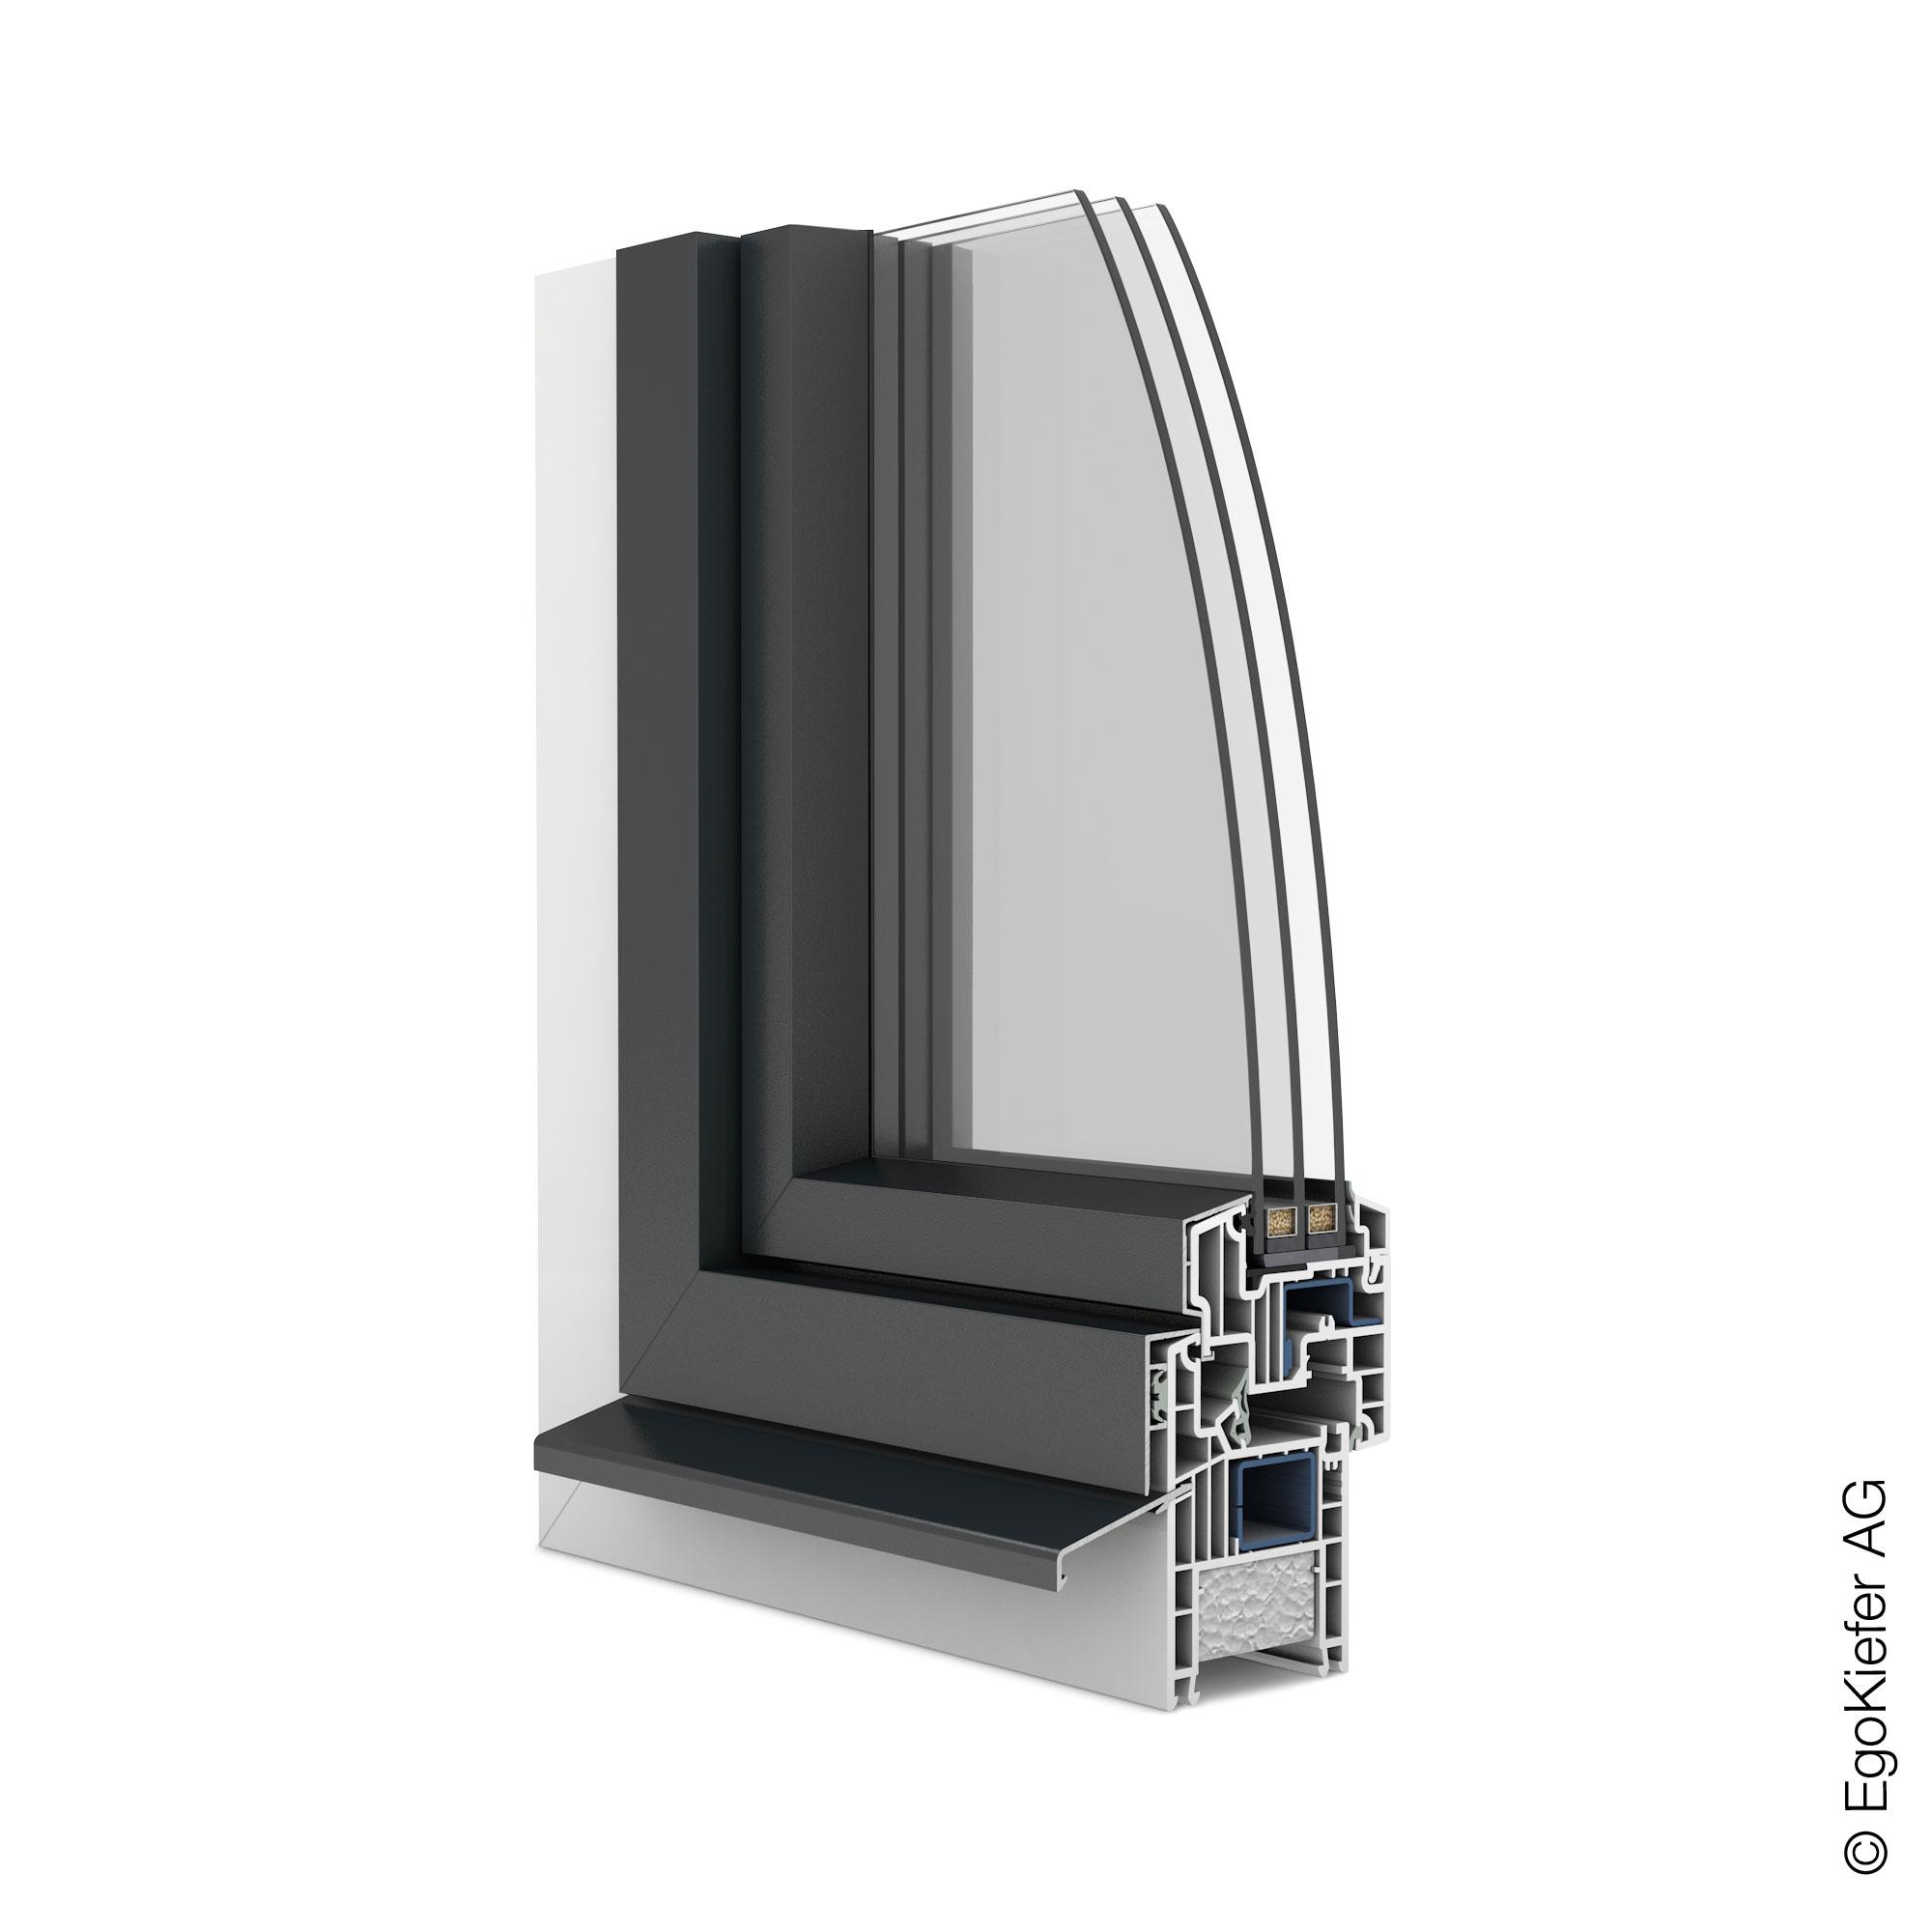 Kunststoff alu fenster as1 k gi fenstertechnik ag for Fenster kunststoff